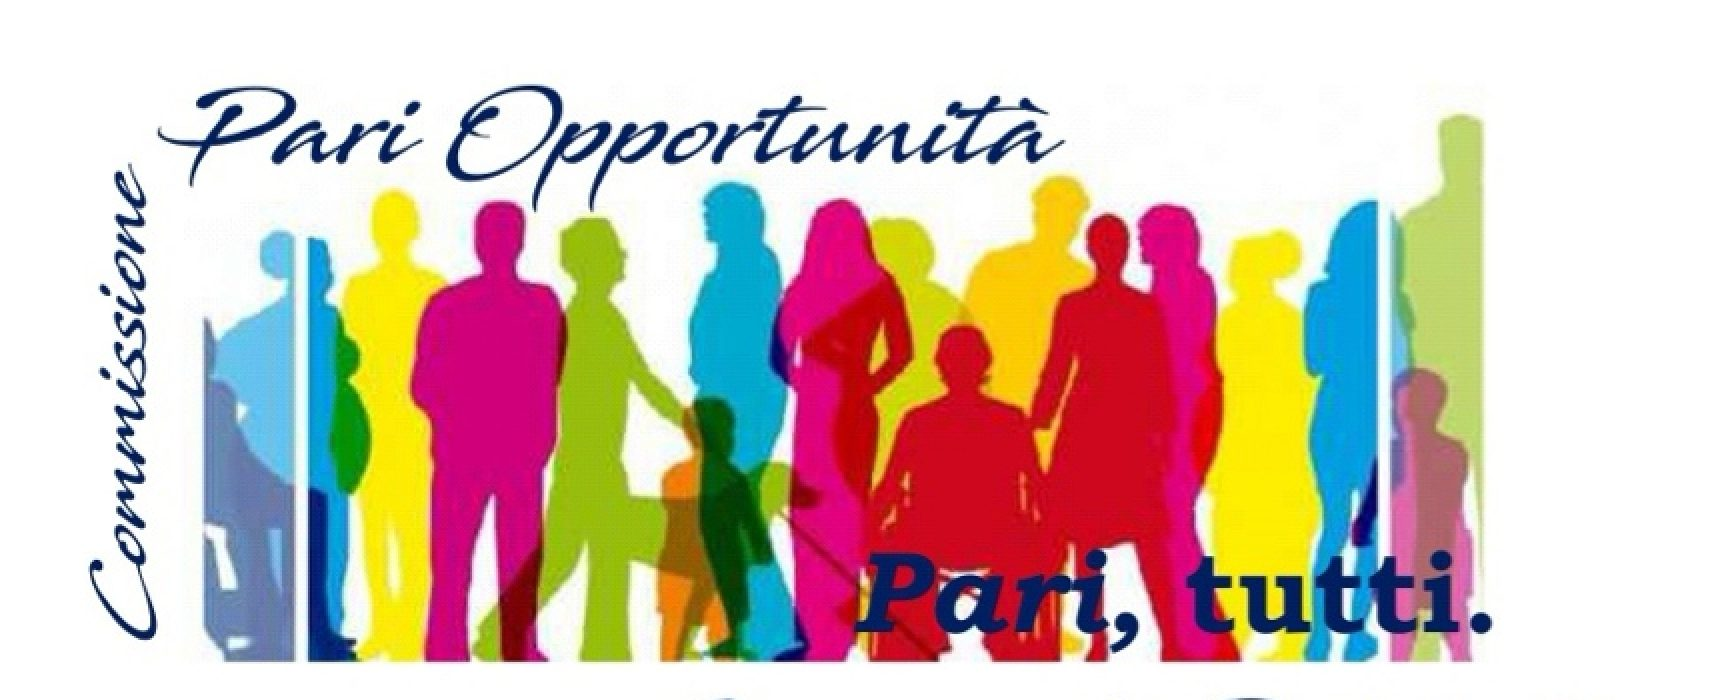 Commissione Pari Opportunità / COME e DOVE inviare la candidatura